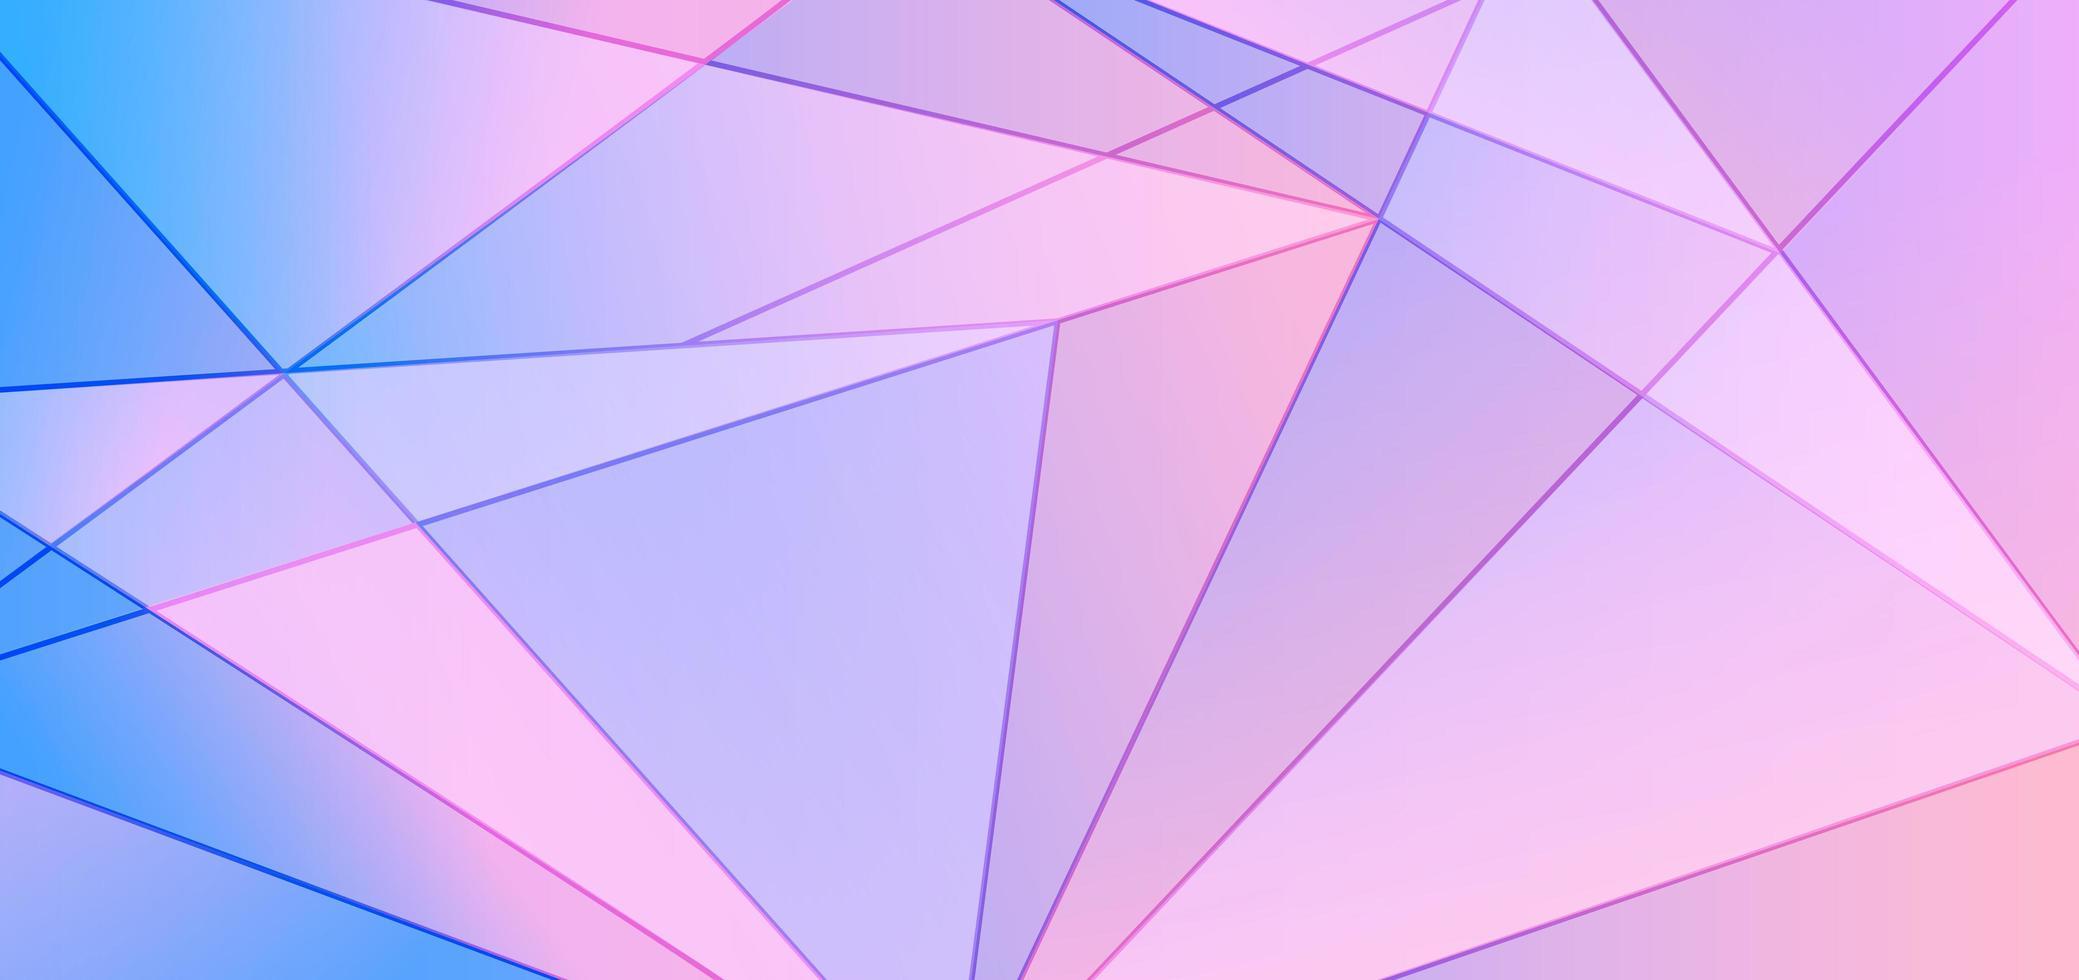 abstracte blauwe en roze achtergrond en textuur van het gradiënt veelhoekige patroon. laag poly mosiac driehoeksvormen in willekeurig ontwerp vector